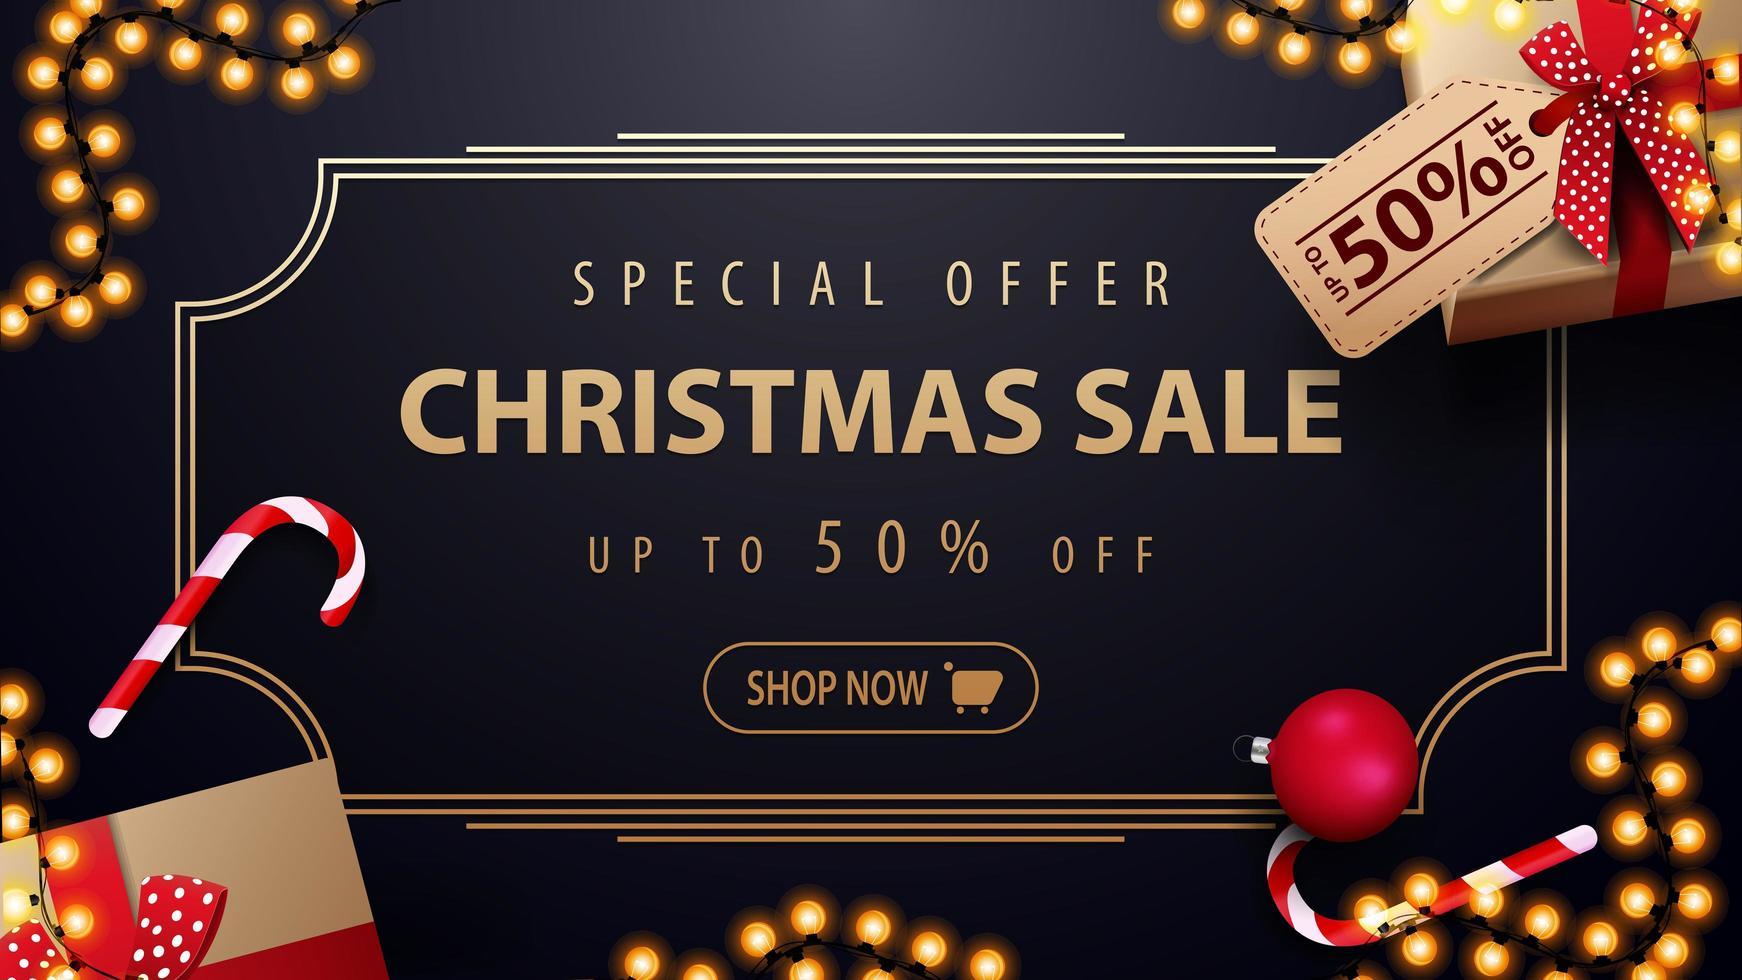 speciale aanbieding, kerstuitverkoop, tot 50 korting, donkerblauwe kortingsbanner met slinger, gouden vintage frame en cadeautjes, bovenaanzicht vector